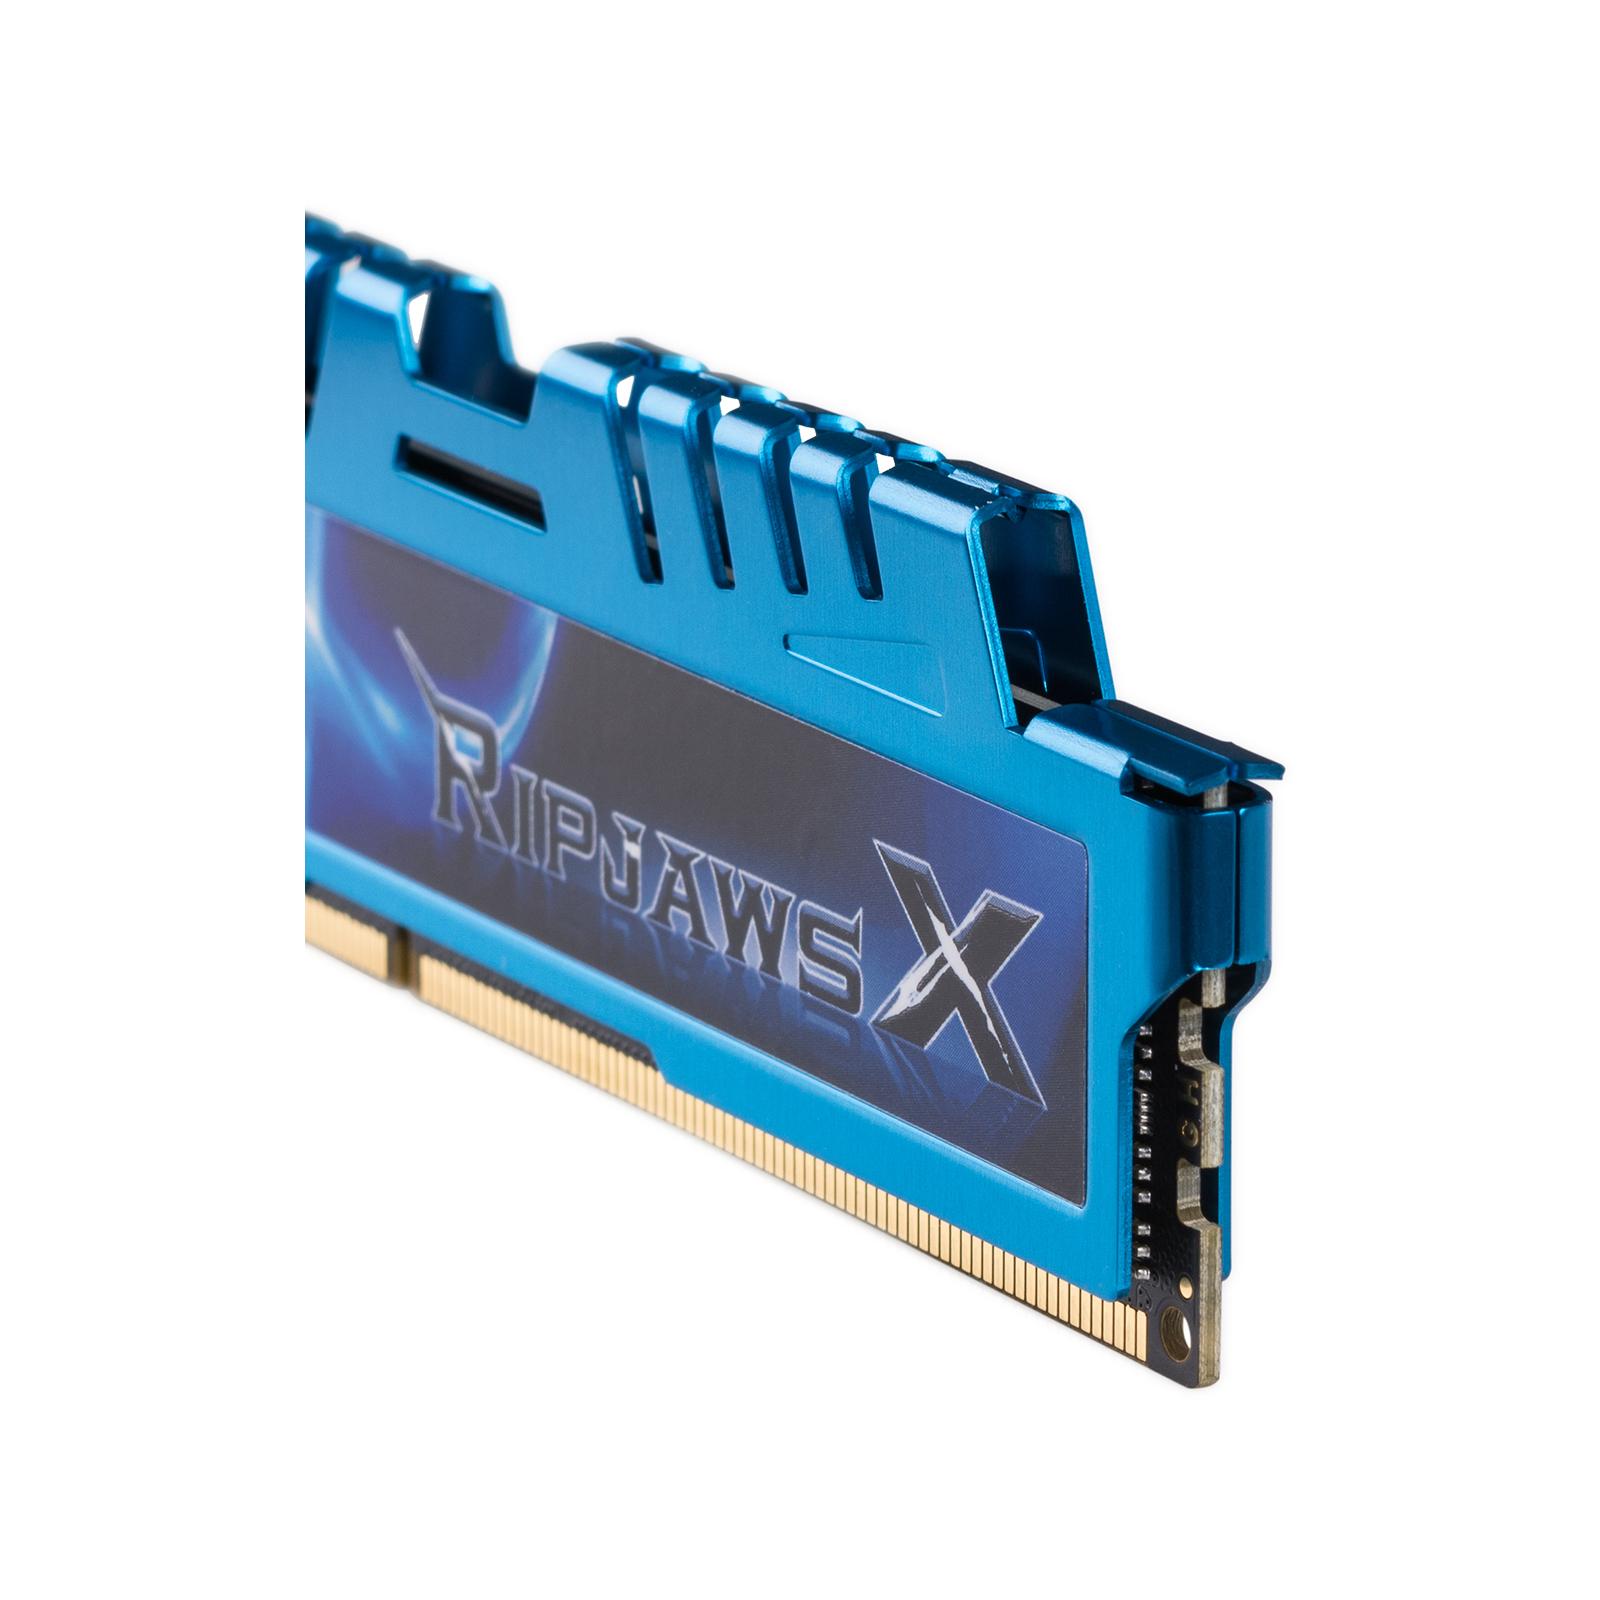 Модуль памяти для компьютера DDR3 16GB (2x8GB) 1600 MHz G.Skill (F3-1600C9D-16GXM) изображение 4